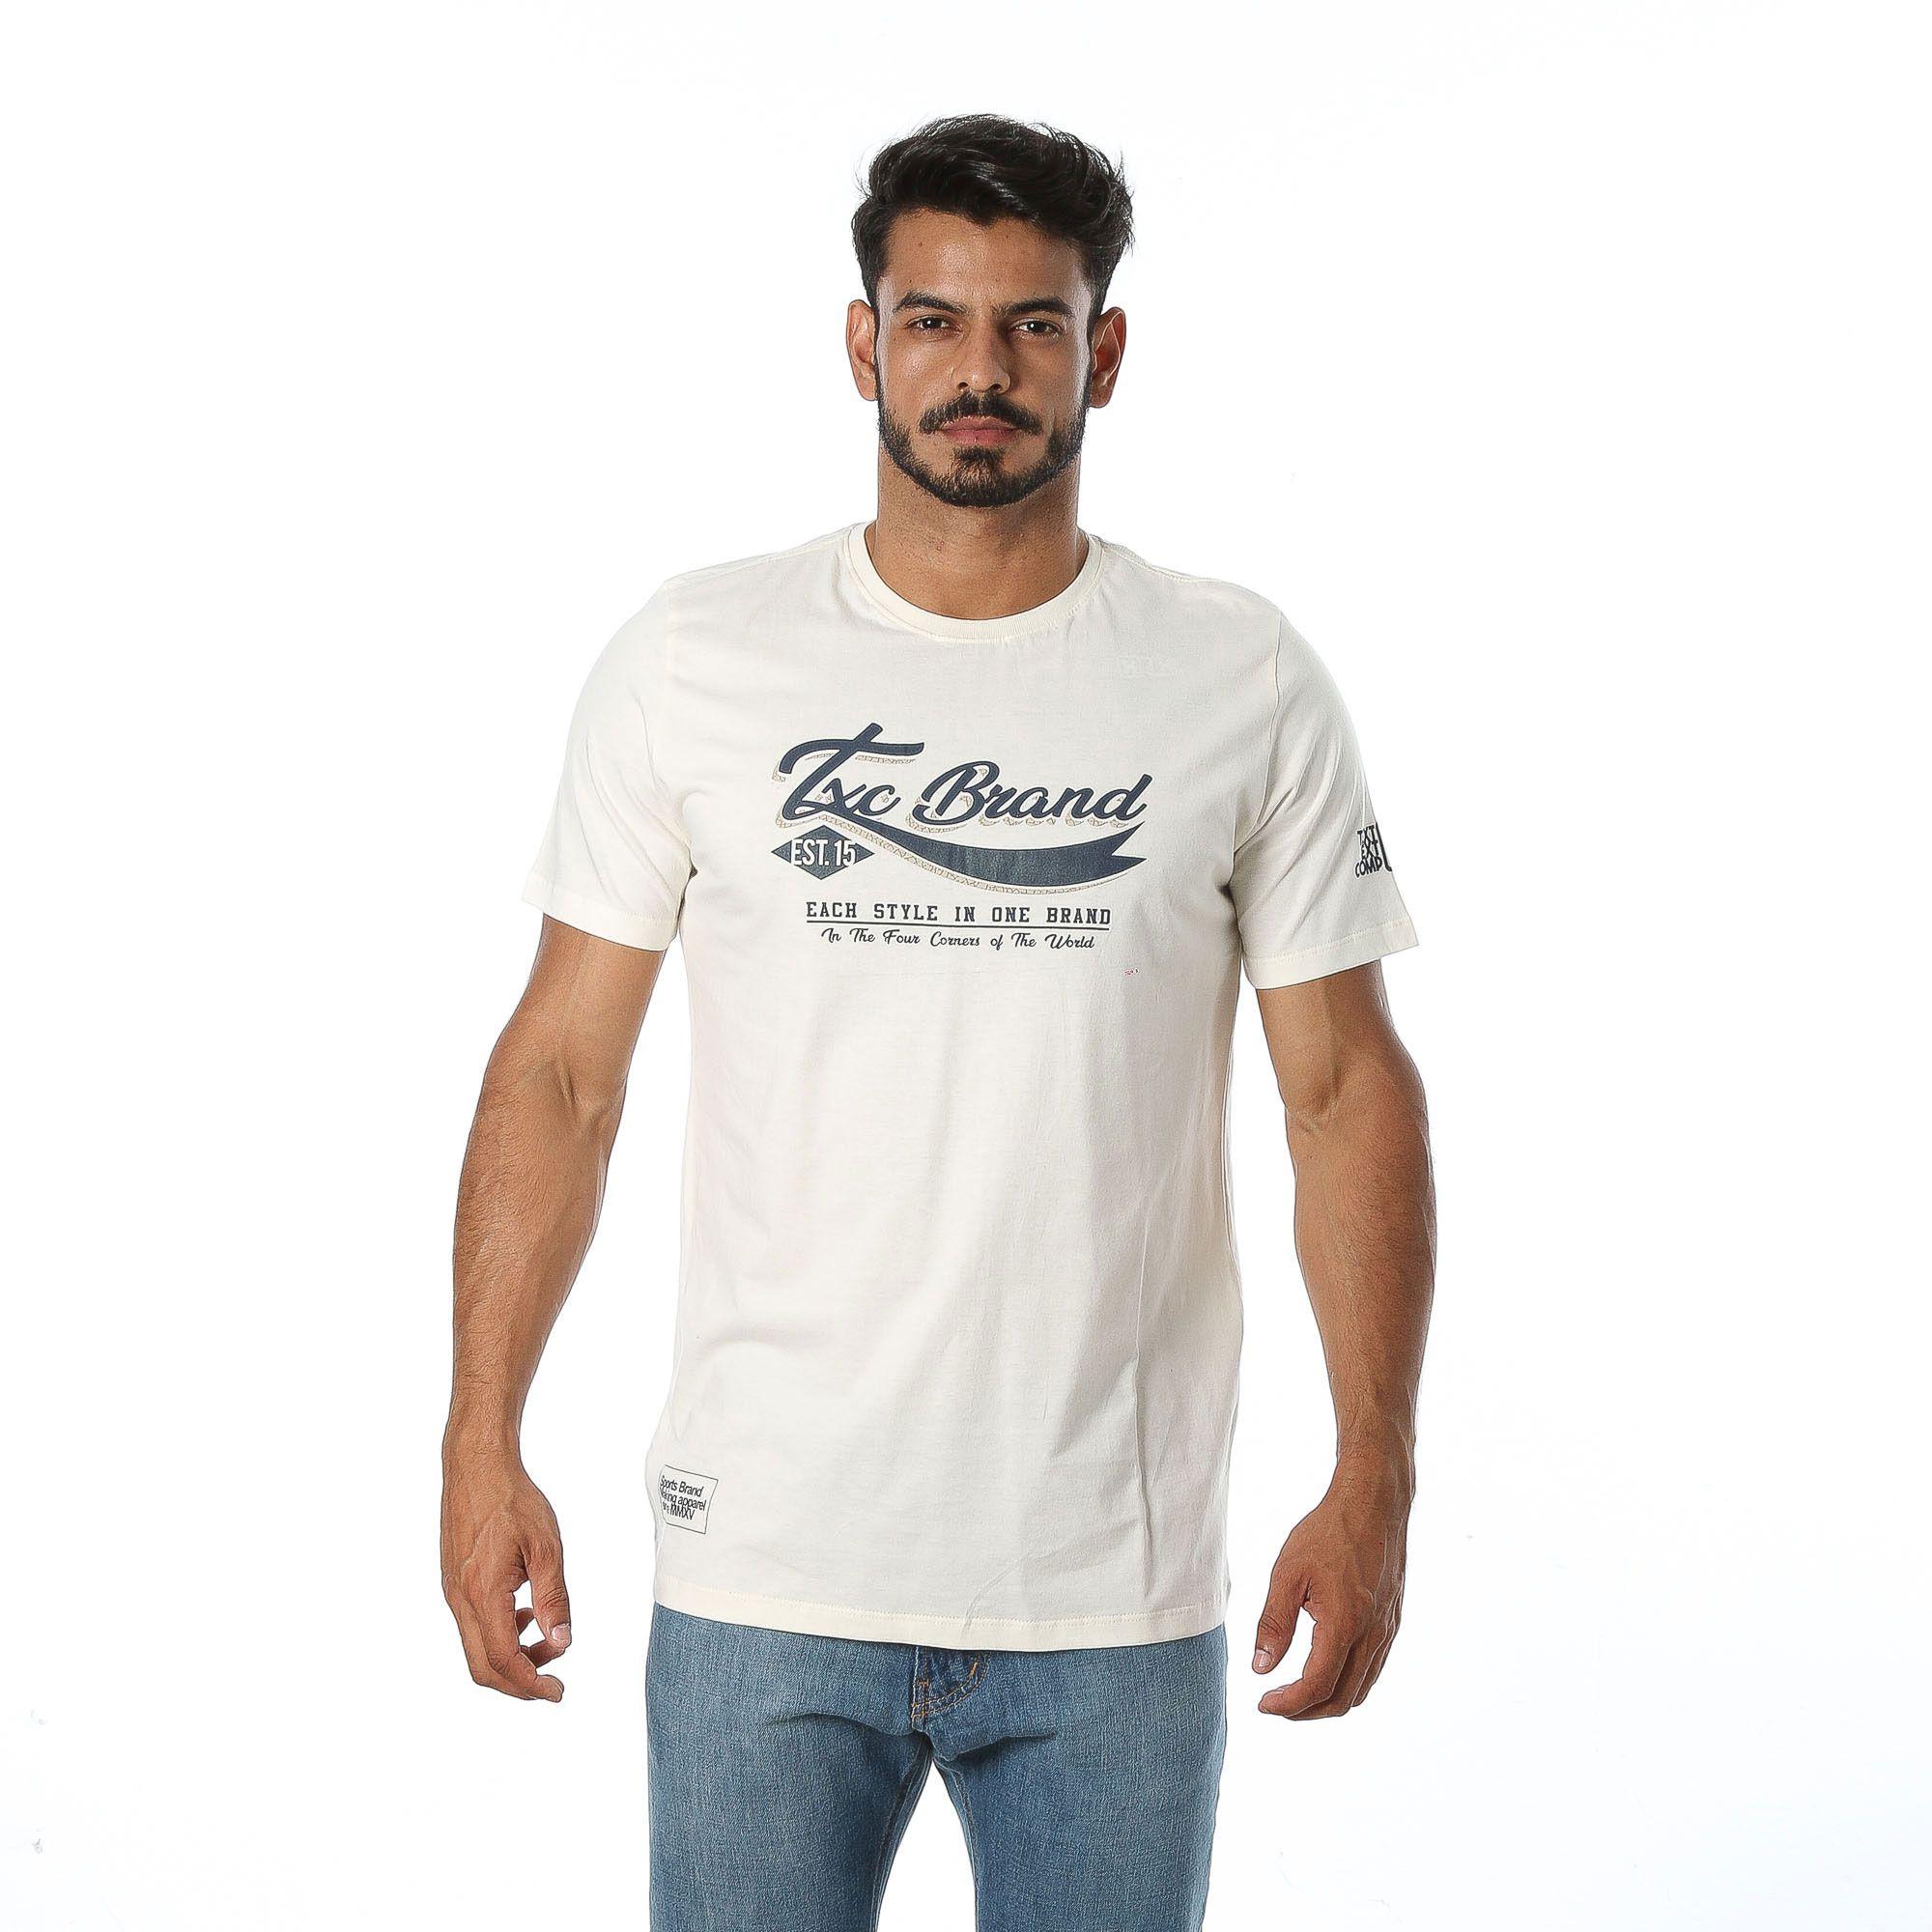 Camiseta TXC Brand 1692